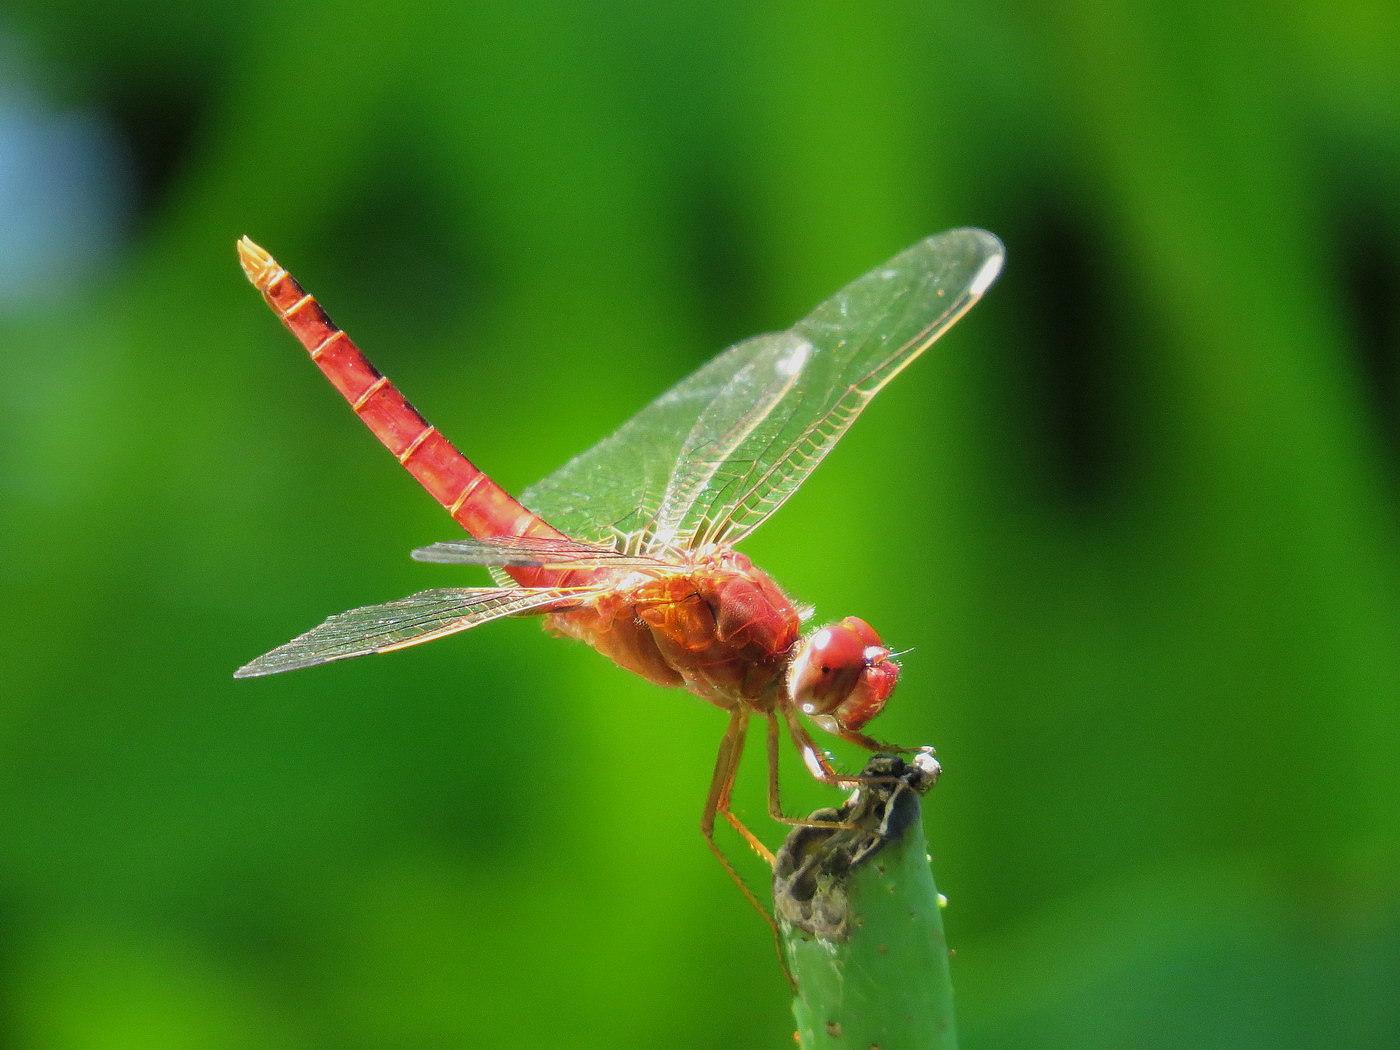 """小荷才露尖尖角, 早有蜻蜓立上头""""."""